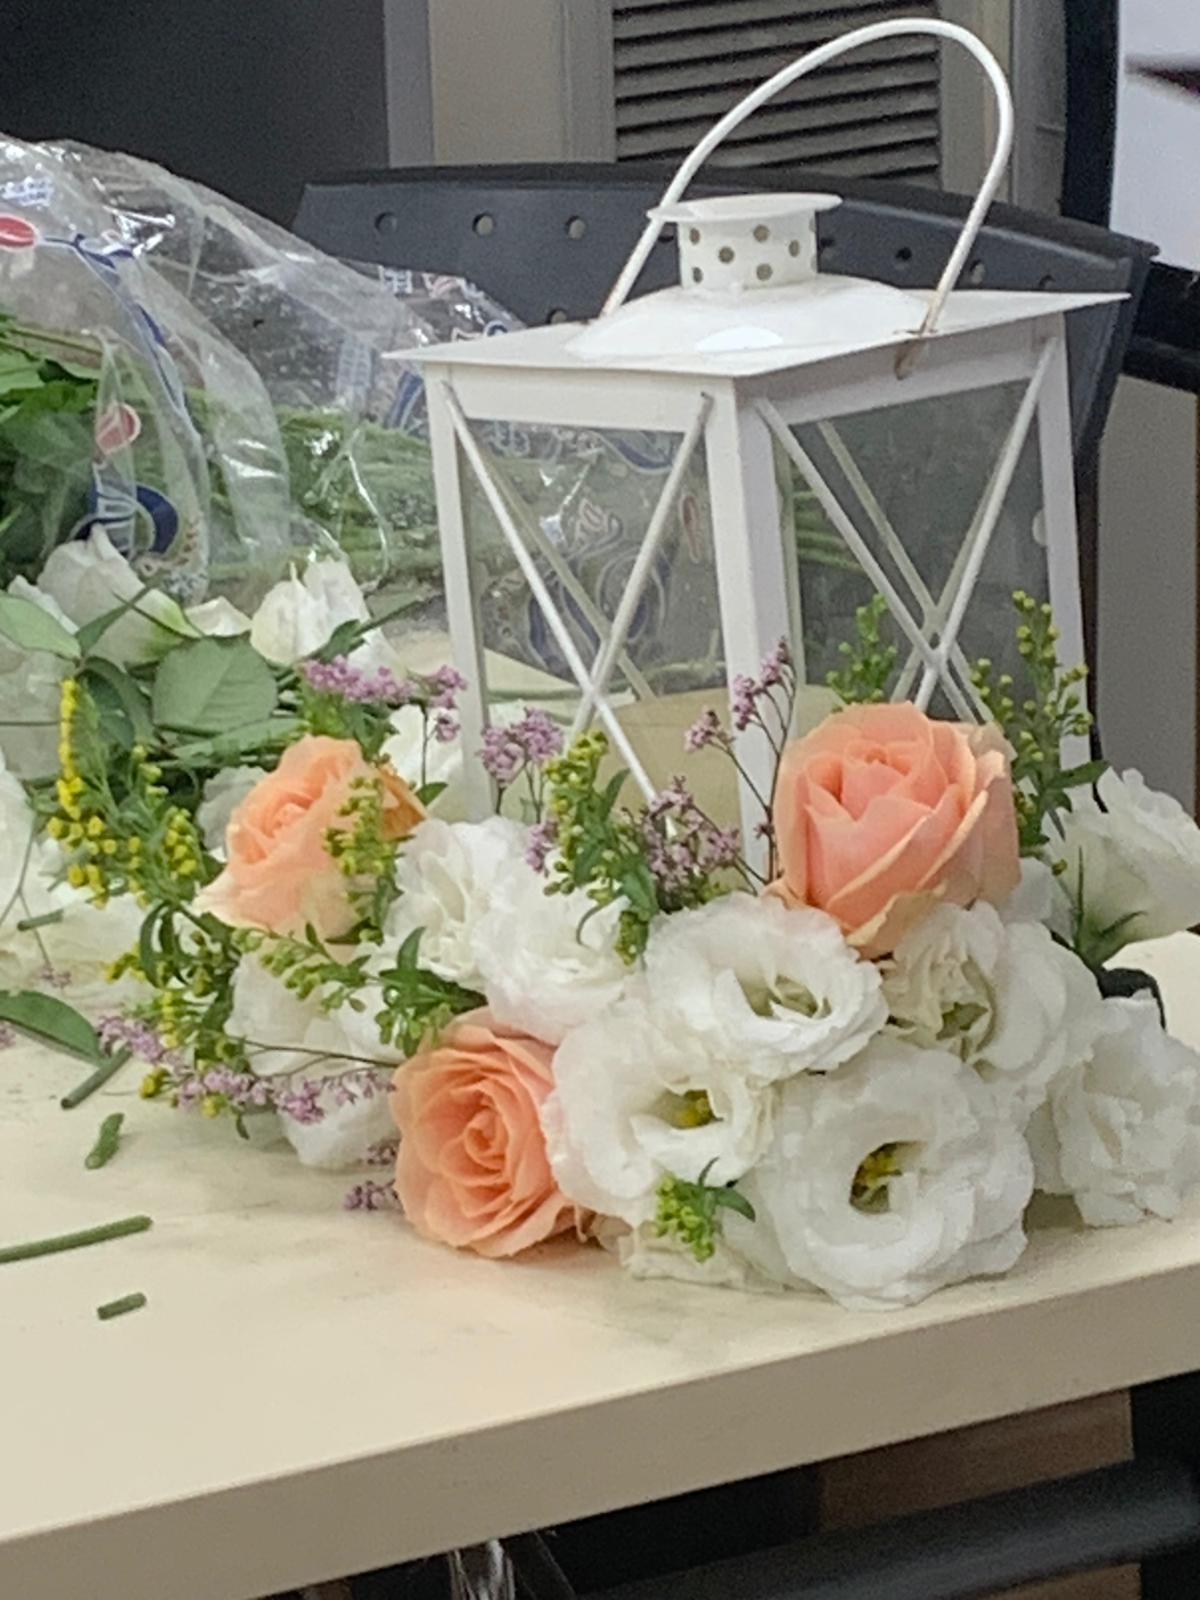 גלרייה - שיעור שזירת פרחים - קורס הפקת אירועים מחזור 24, 9 מתוך 35